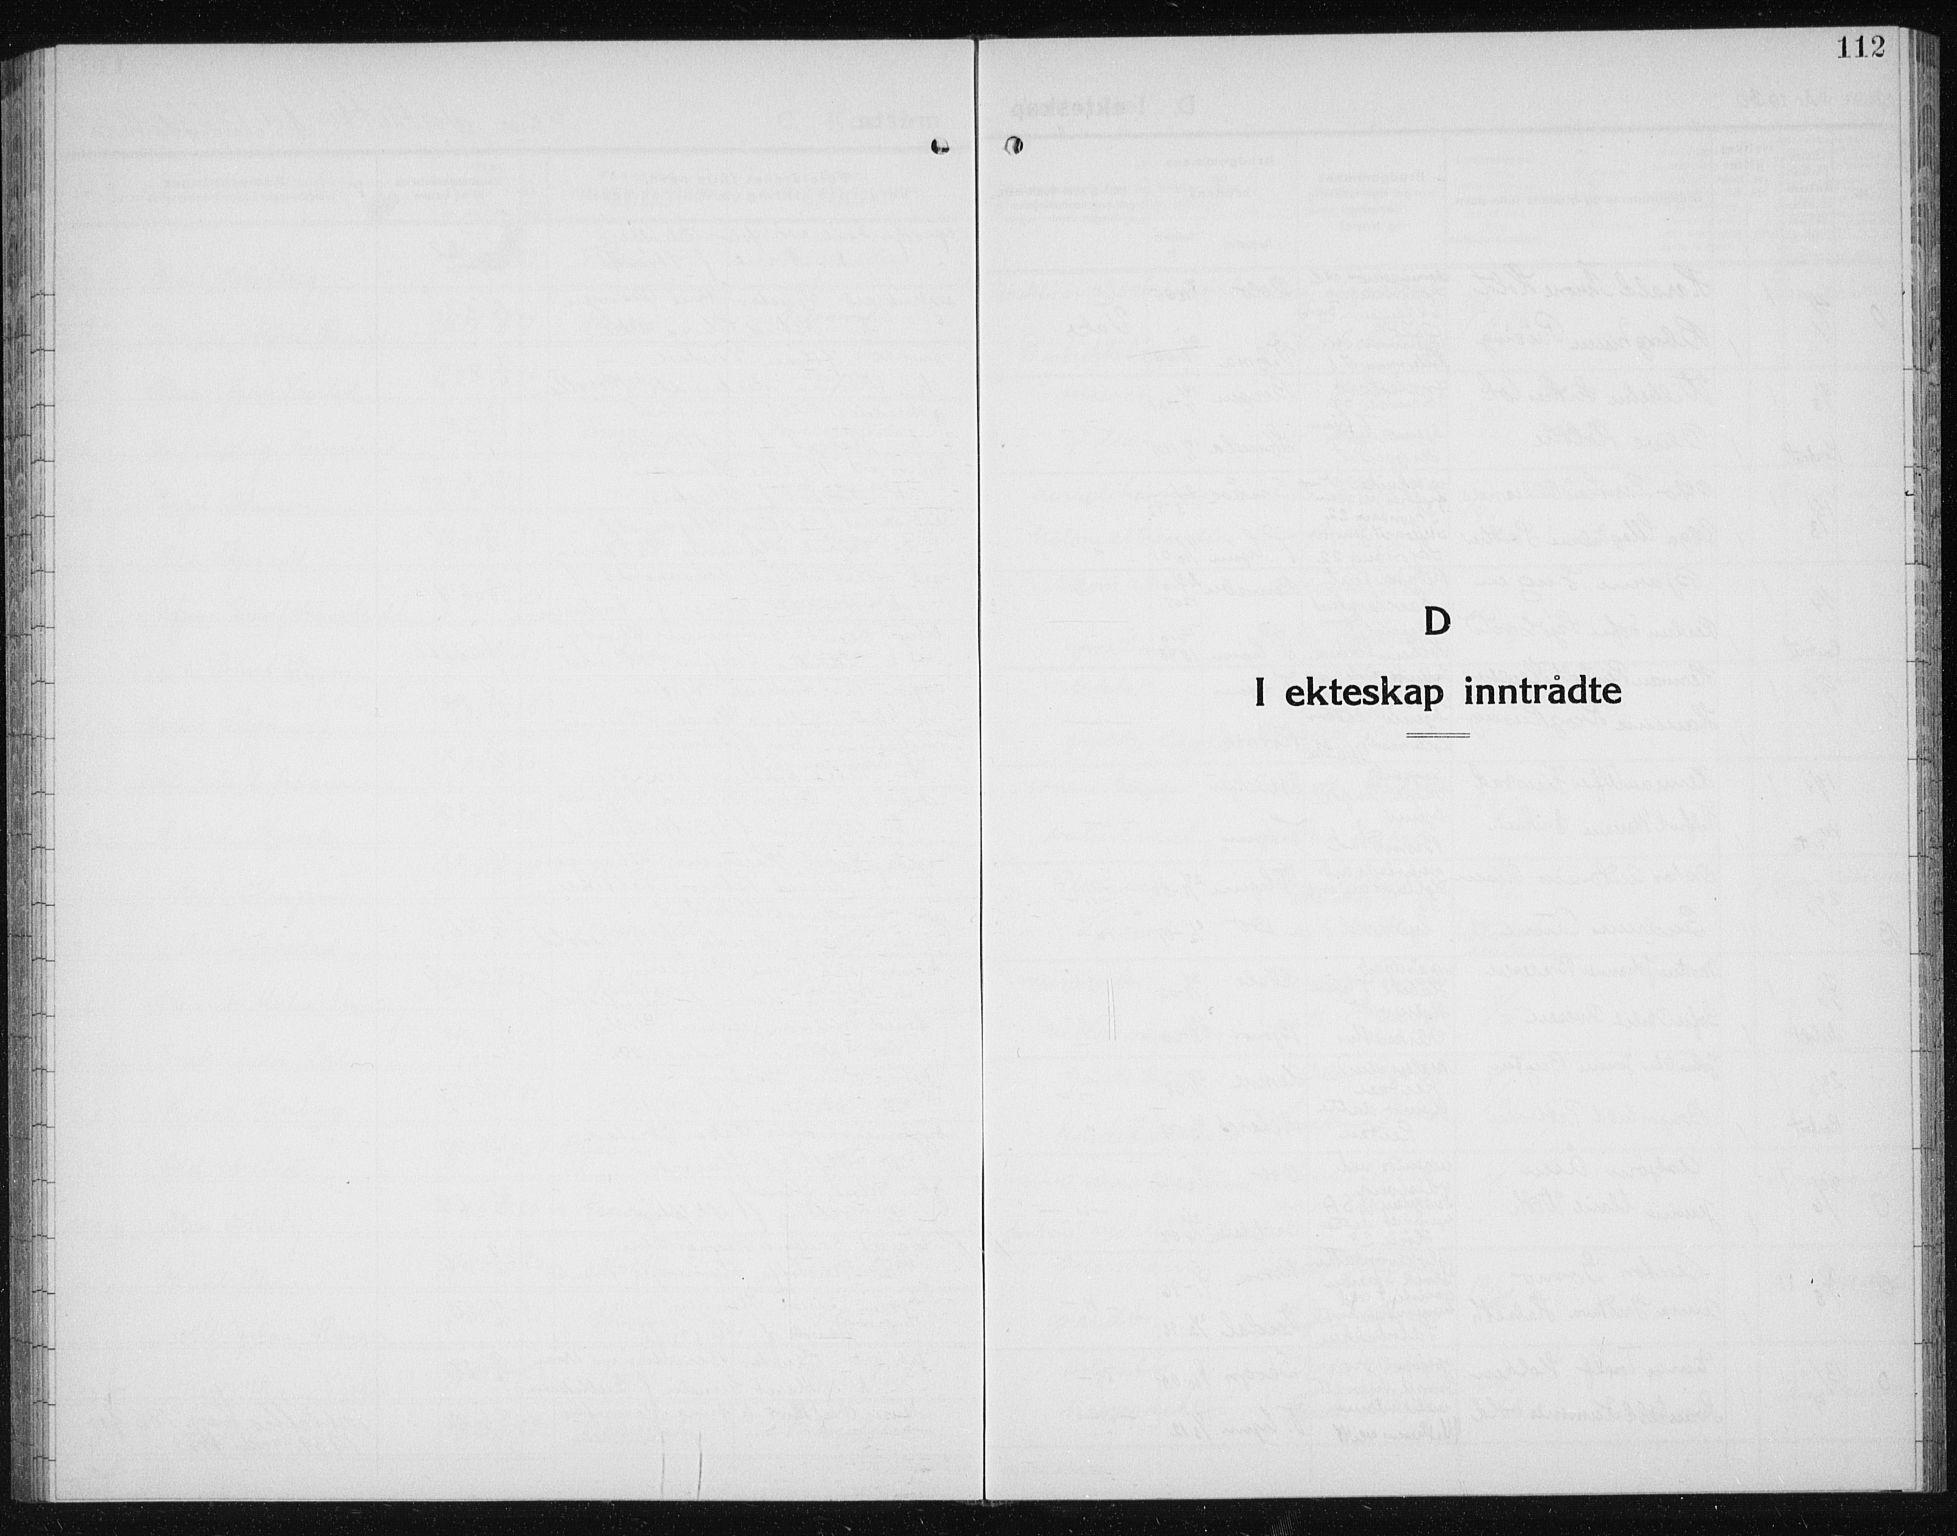 SAT, Ministerialprotokoller, klokkerbøker og fødselsregistre - Sør-Trøndelag, 607/L0327: Klokkerbok nr. 607C01, 1930-1939, s. 112